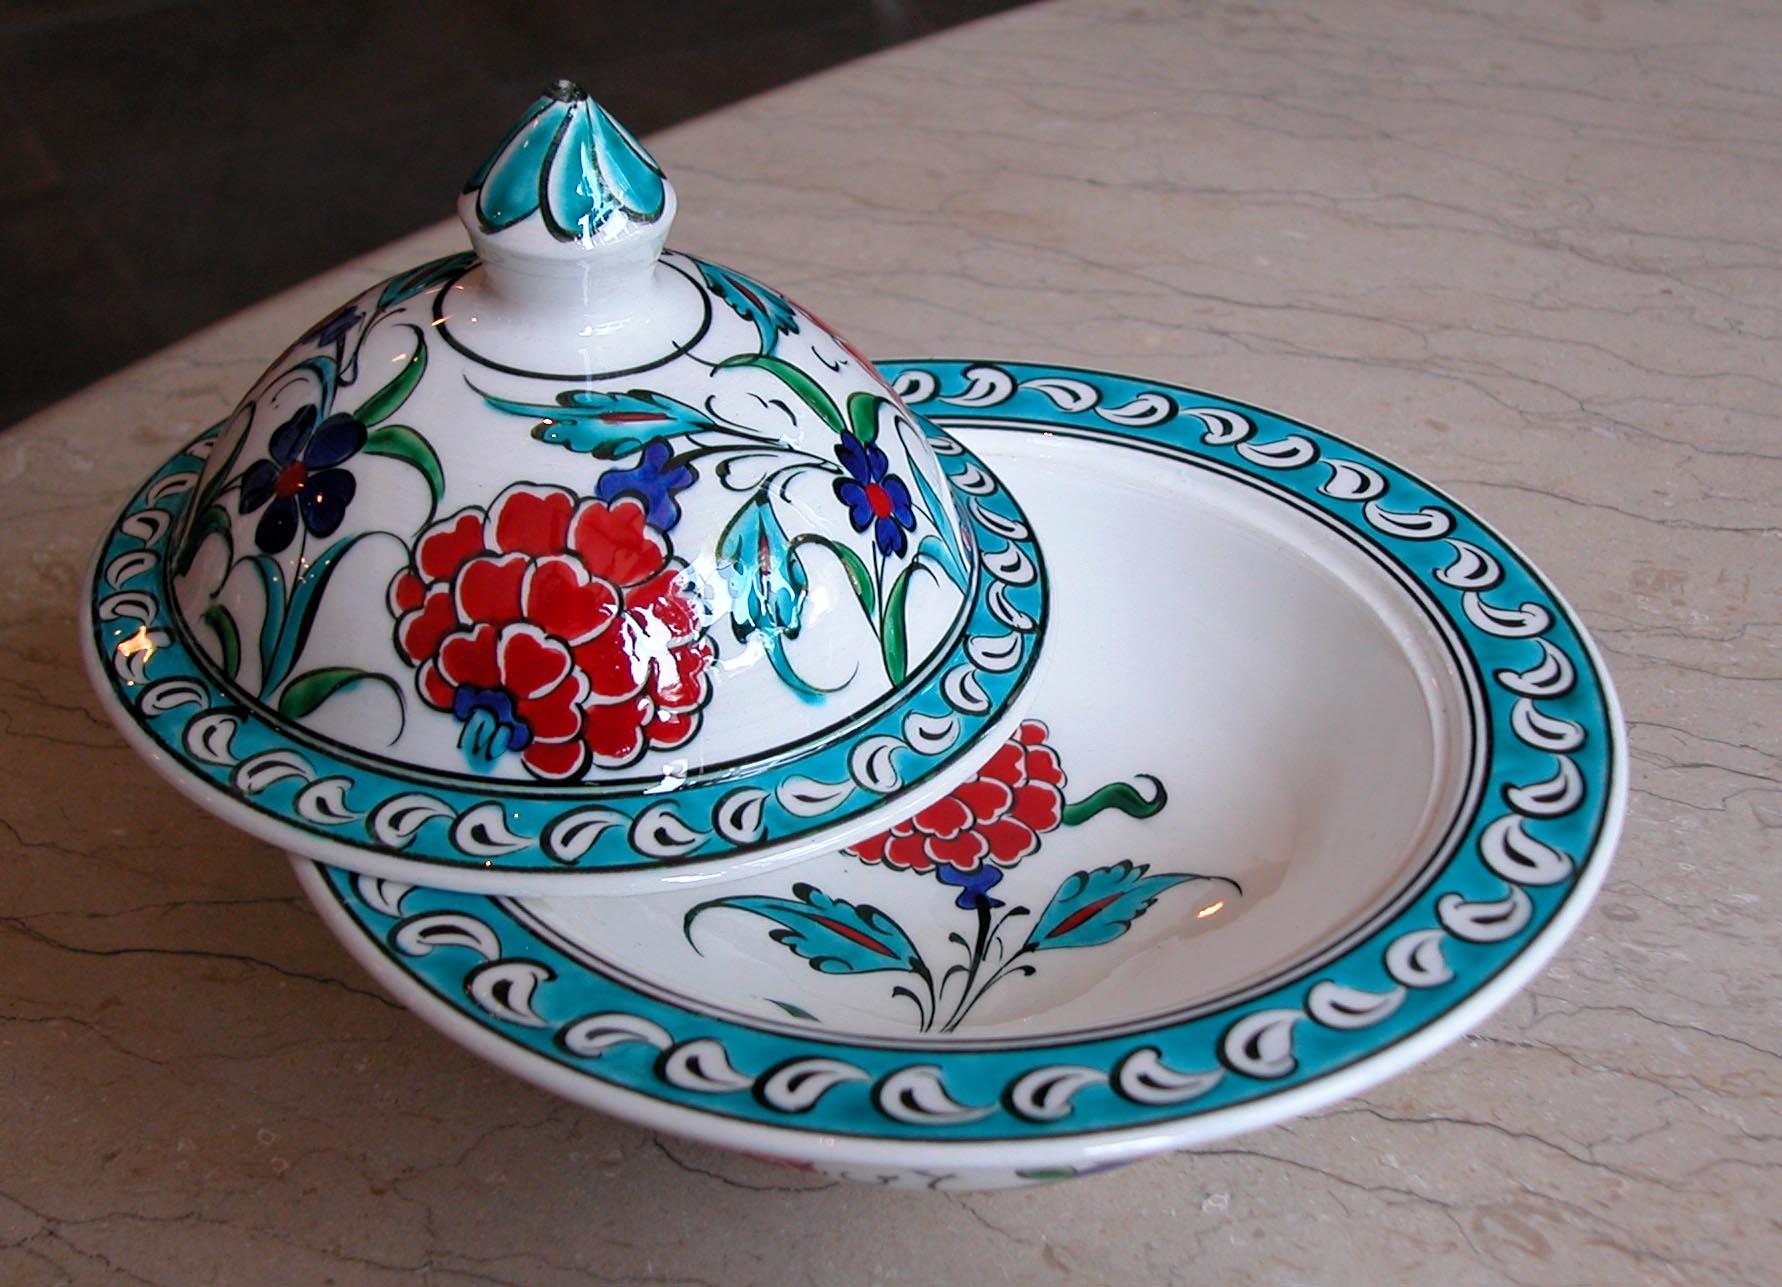 Klasik İznik Desenli Çini Şekerlikler Türkiye anısı hatıralar el yapımı Osmanlı lokumluklar